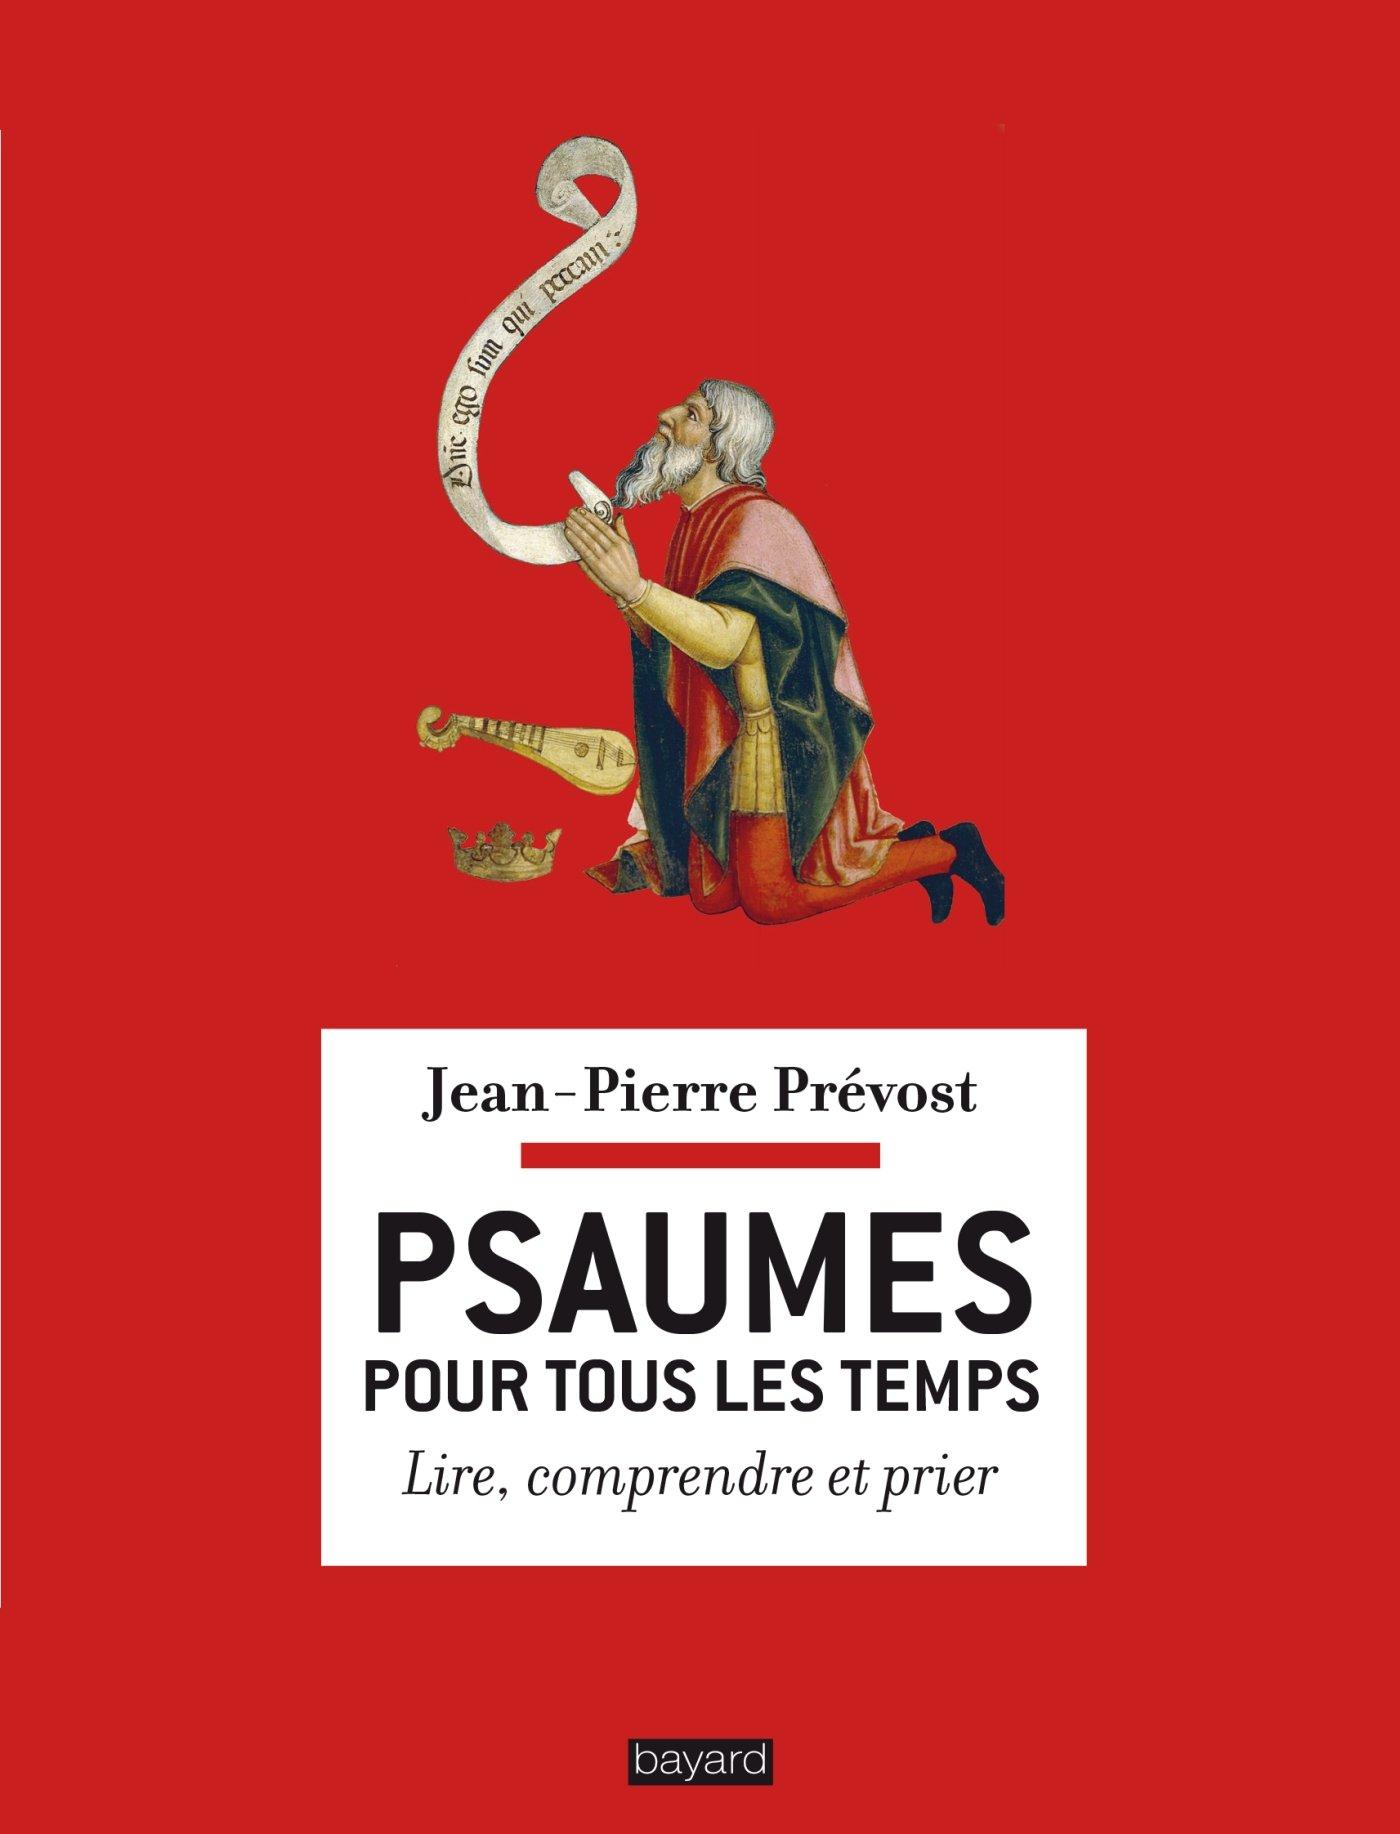 """Résultat de recherche d'images pour """"psaumes pour tous les temps prévost"""""""